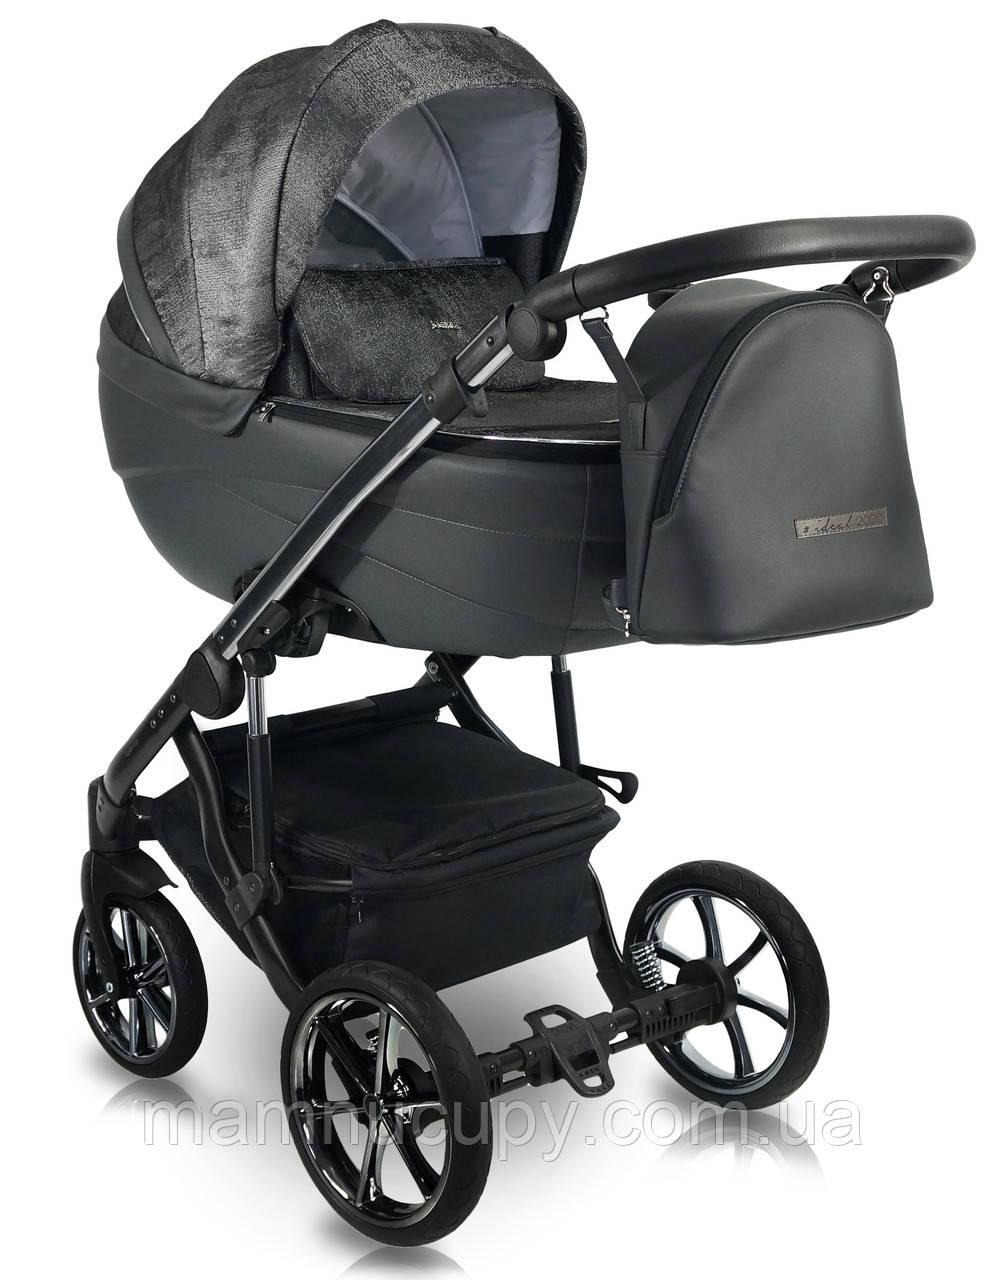 Детская универсальная коляска 2 в 1 Bexa Ideal New 2020 ID 01